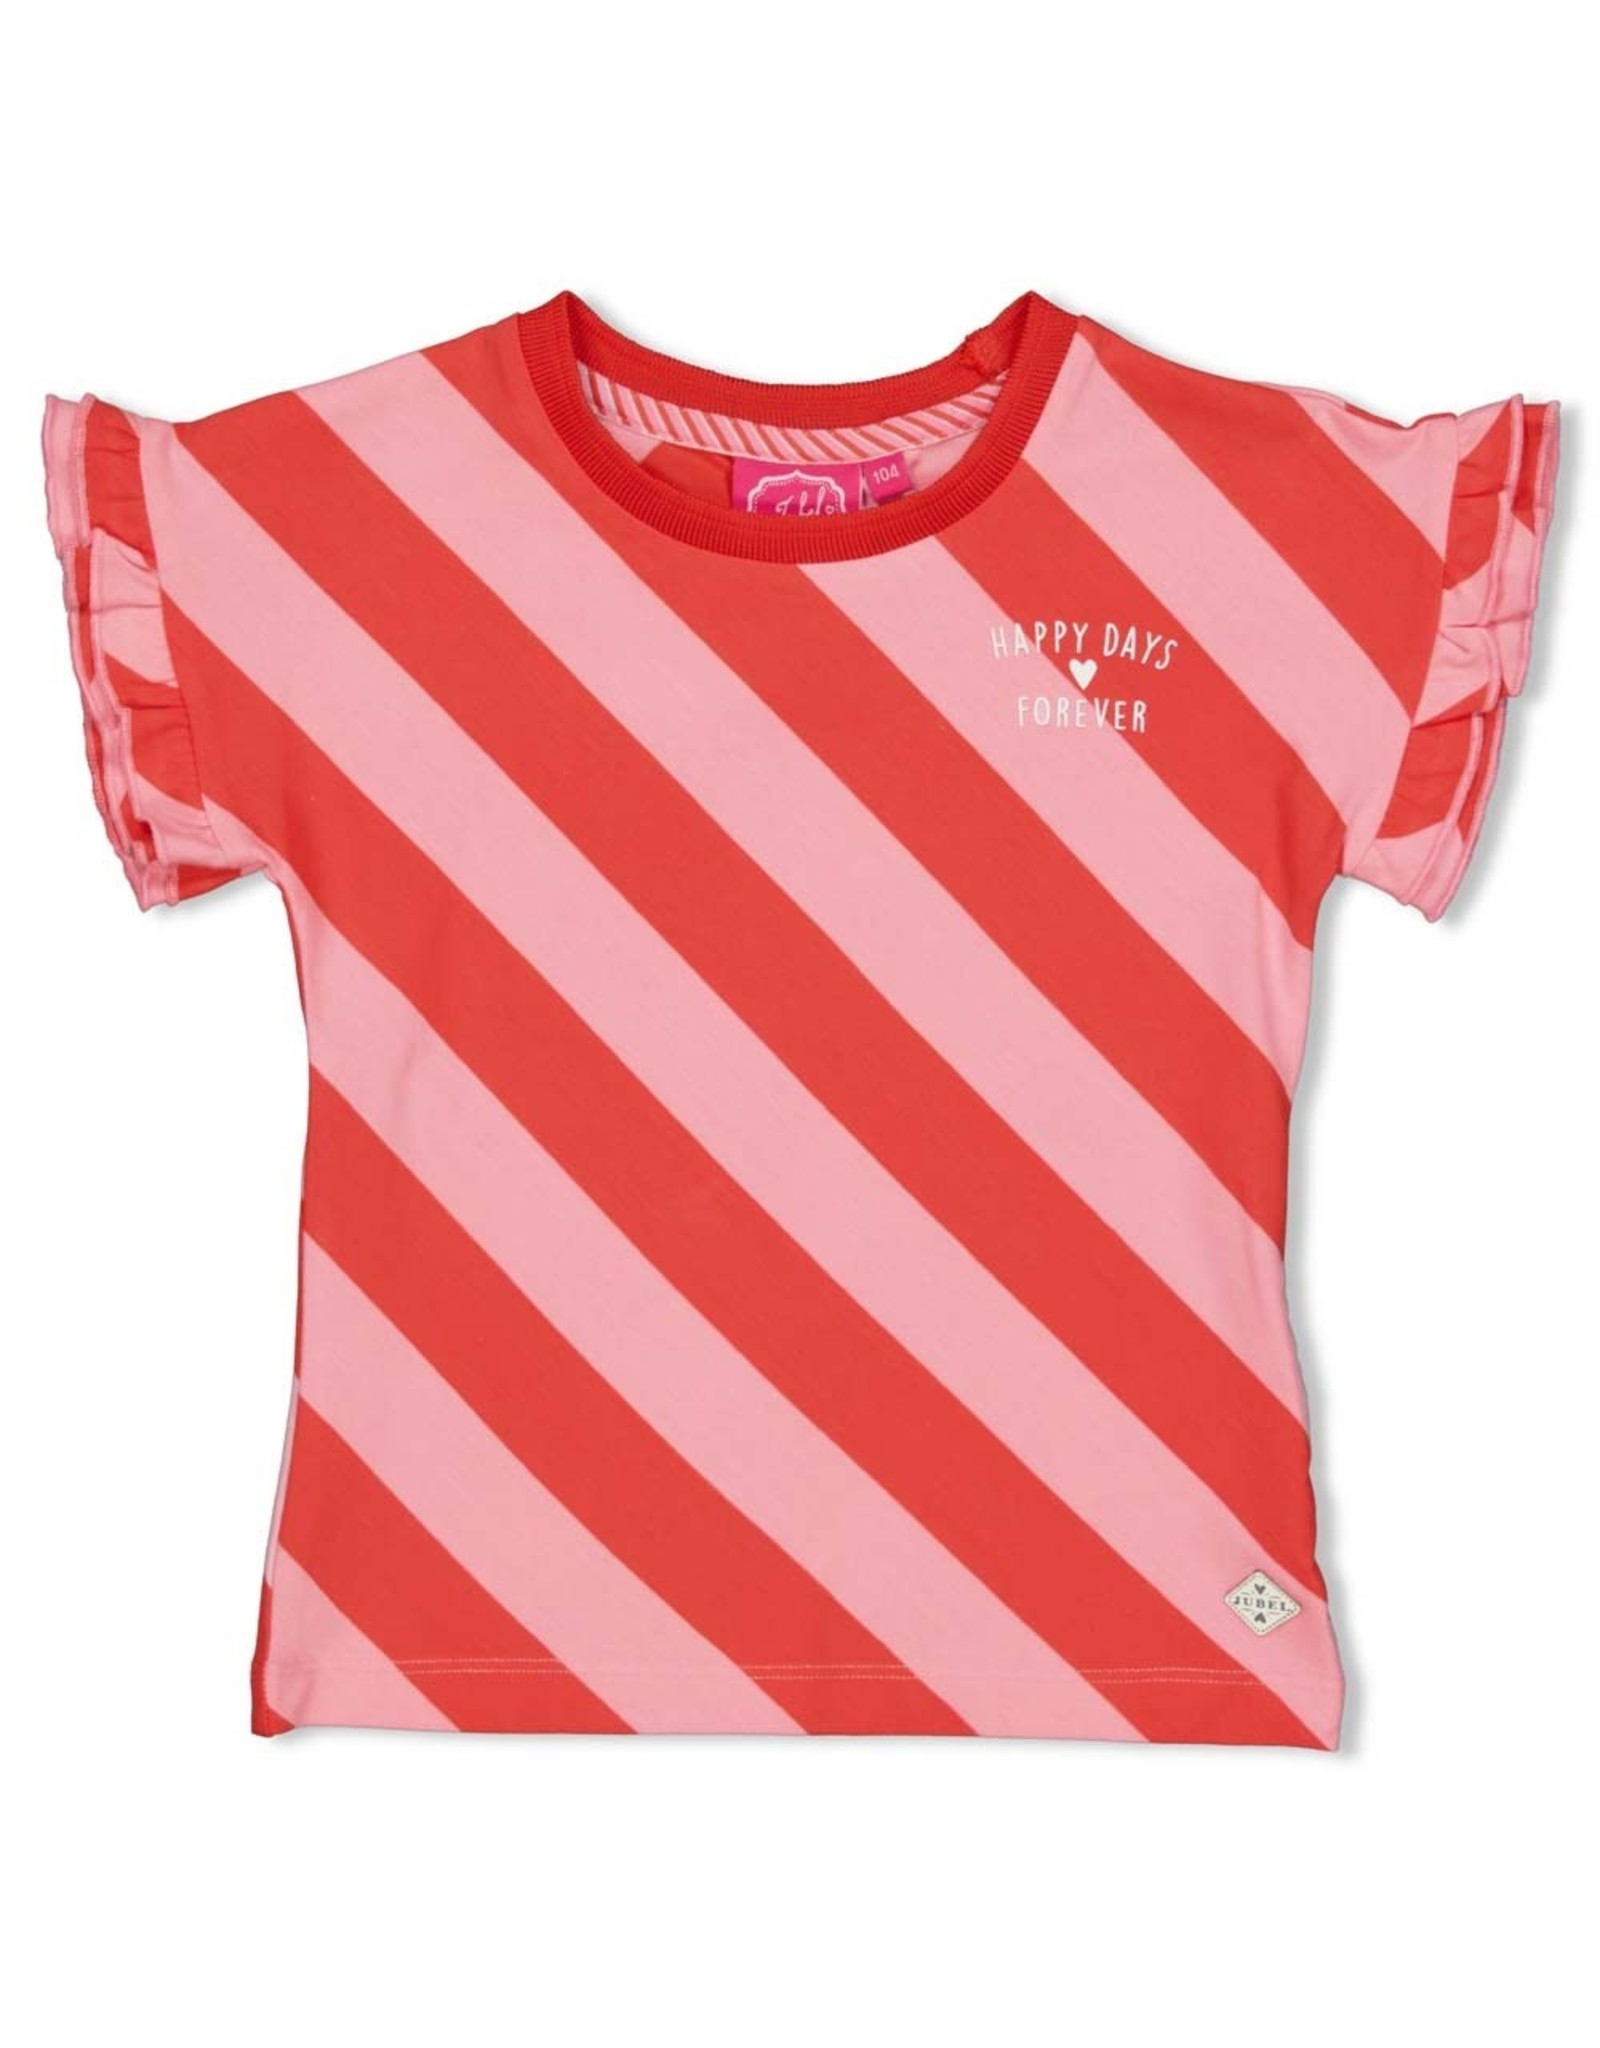 Jubel T-shirt streep diagonaal - Tutti Frutti